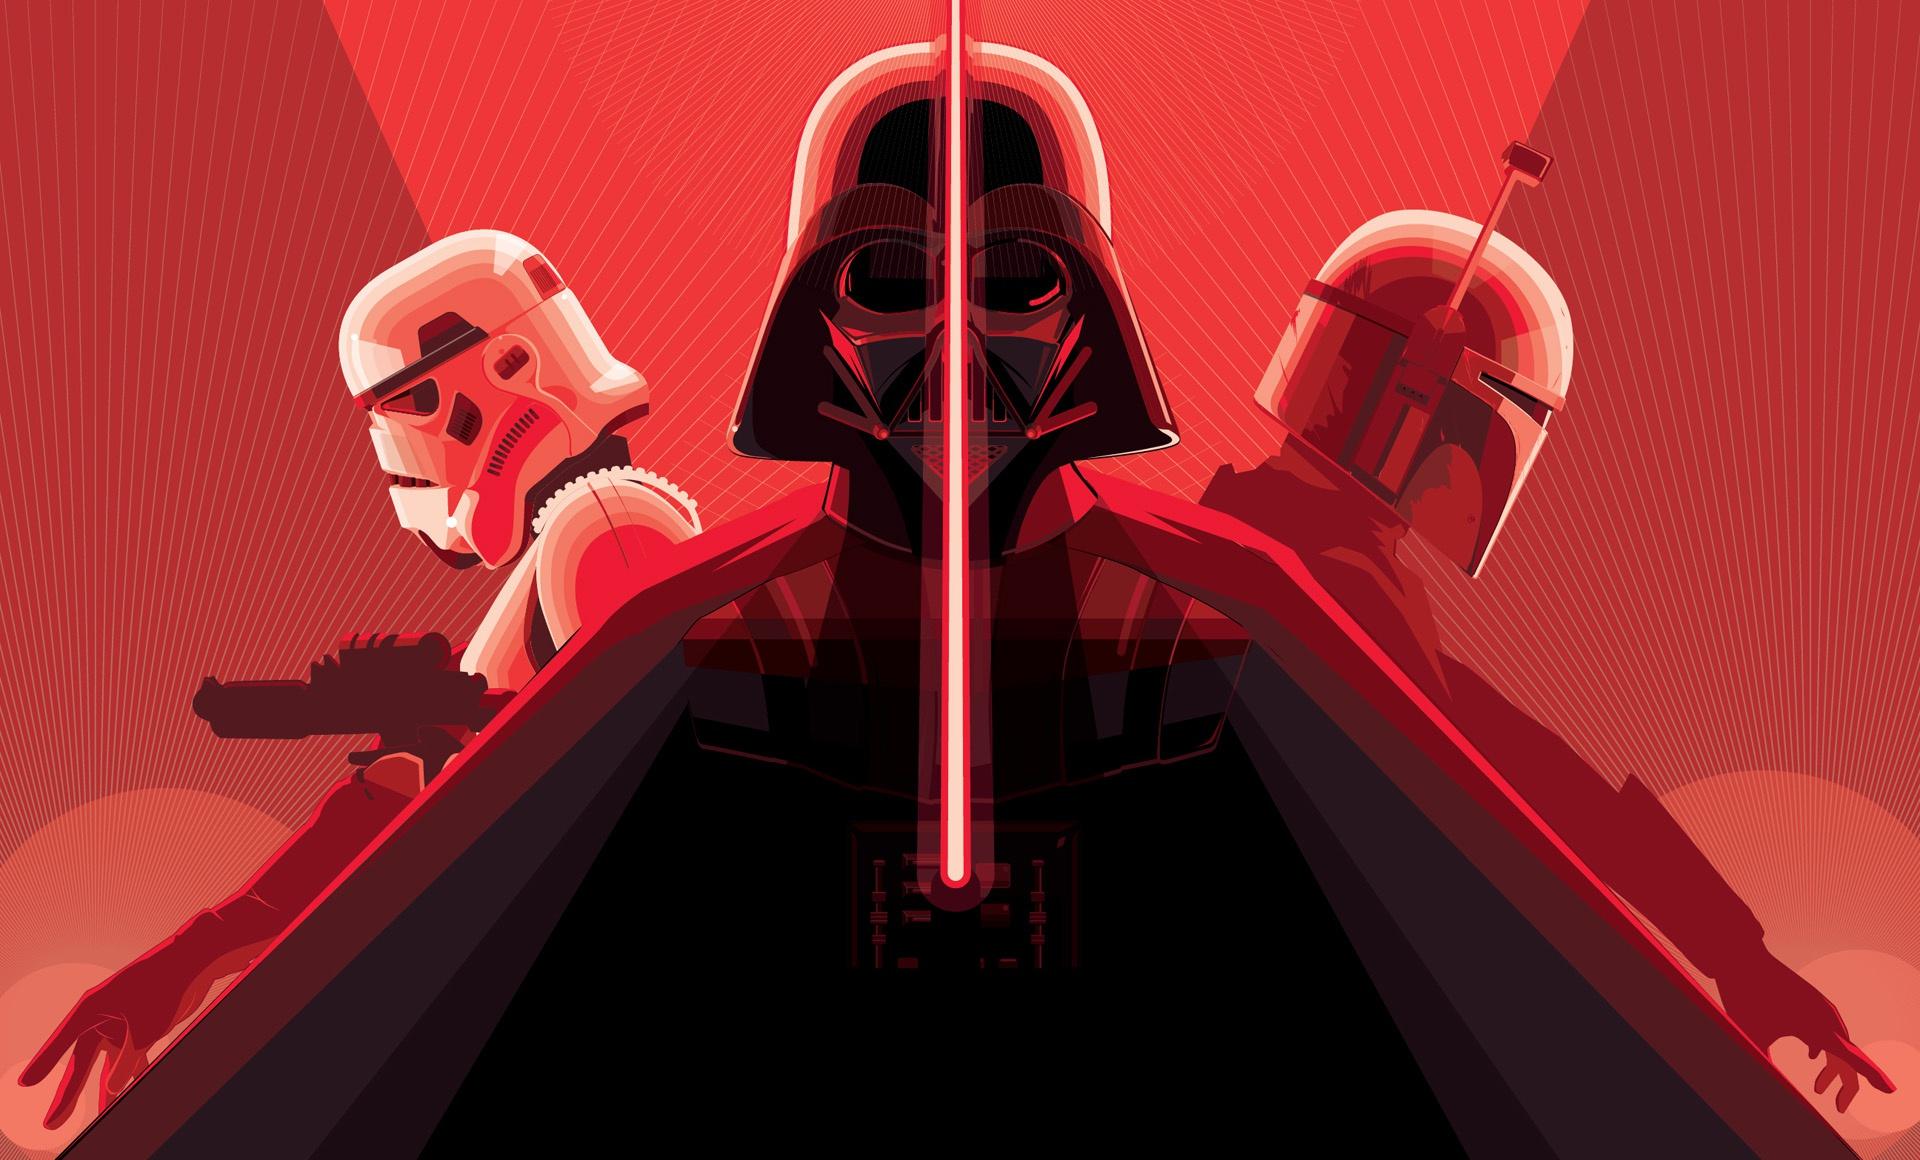 Boba Fett Darth Vader Lightsaber Star Wars Stormtrooper 1920x1160